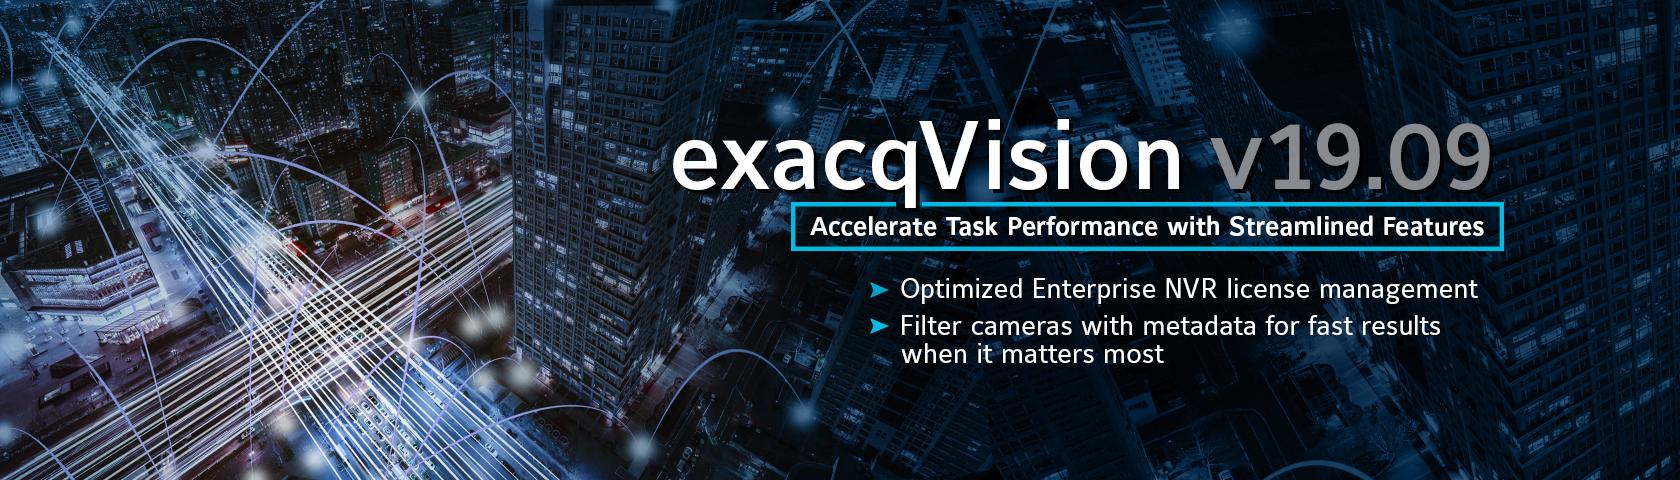 exacqVision 19.09